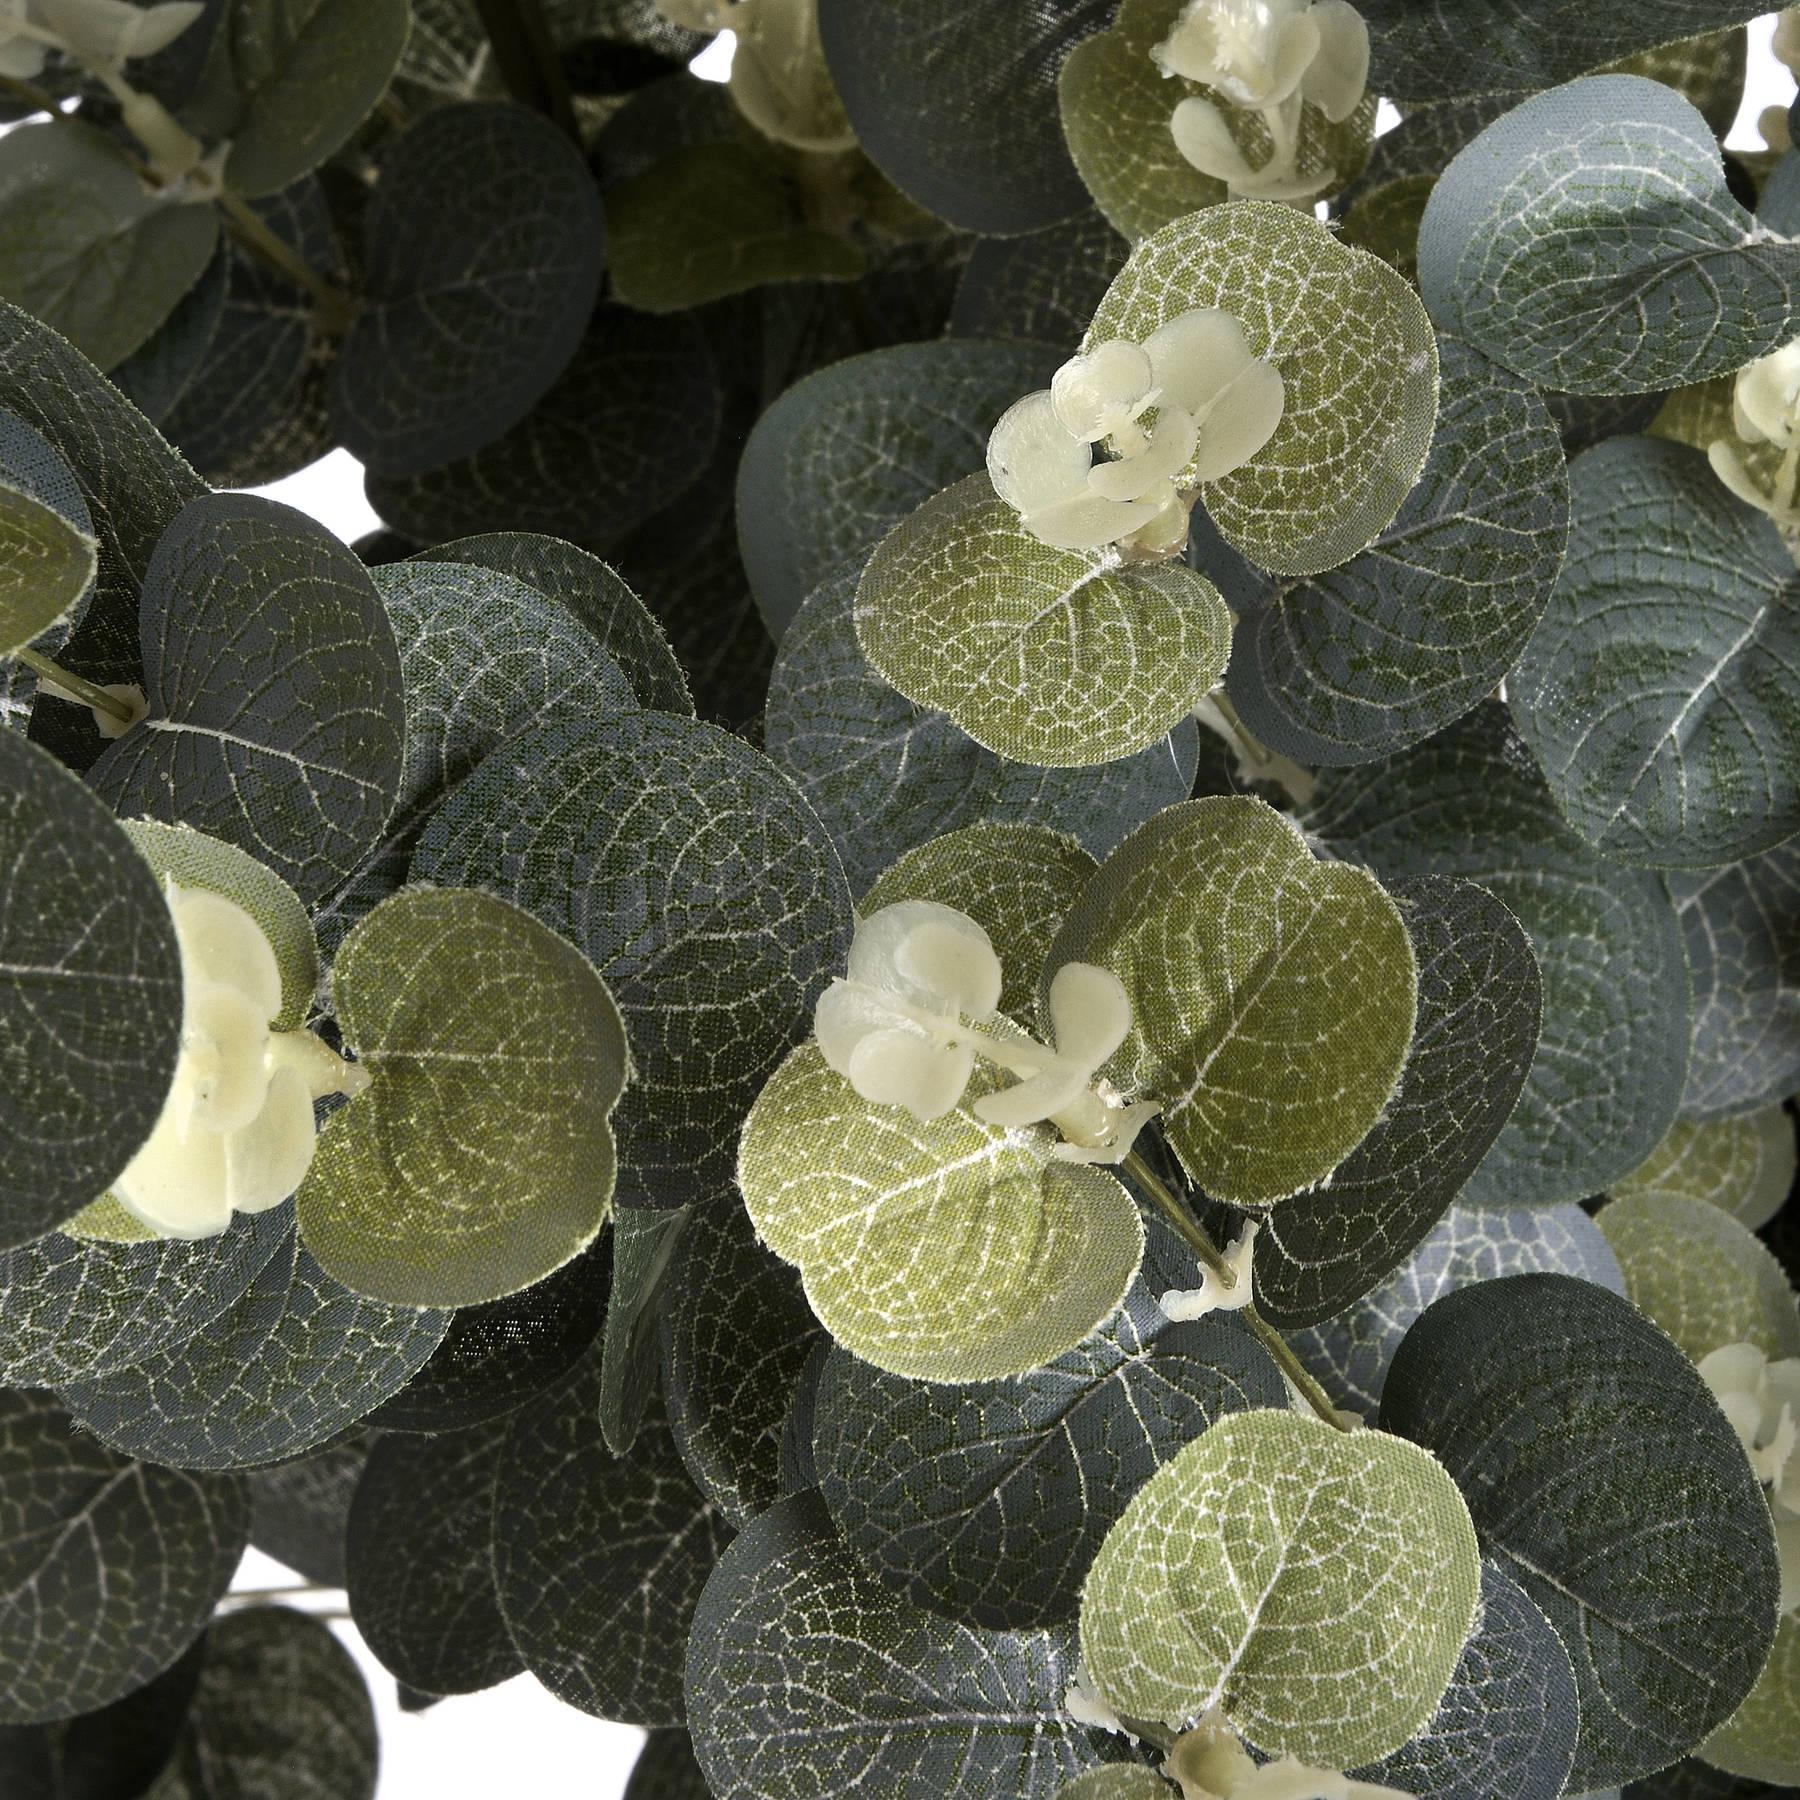 Eucalyptus Spray - Image 5